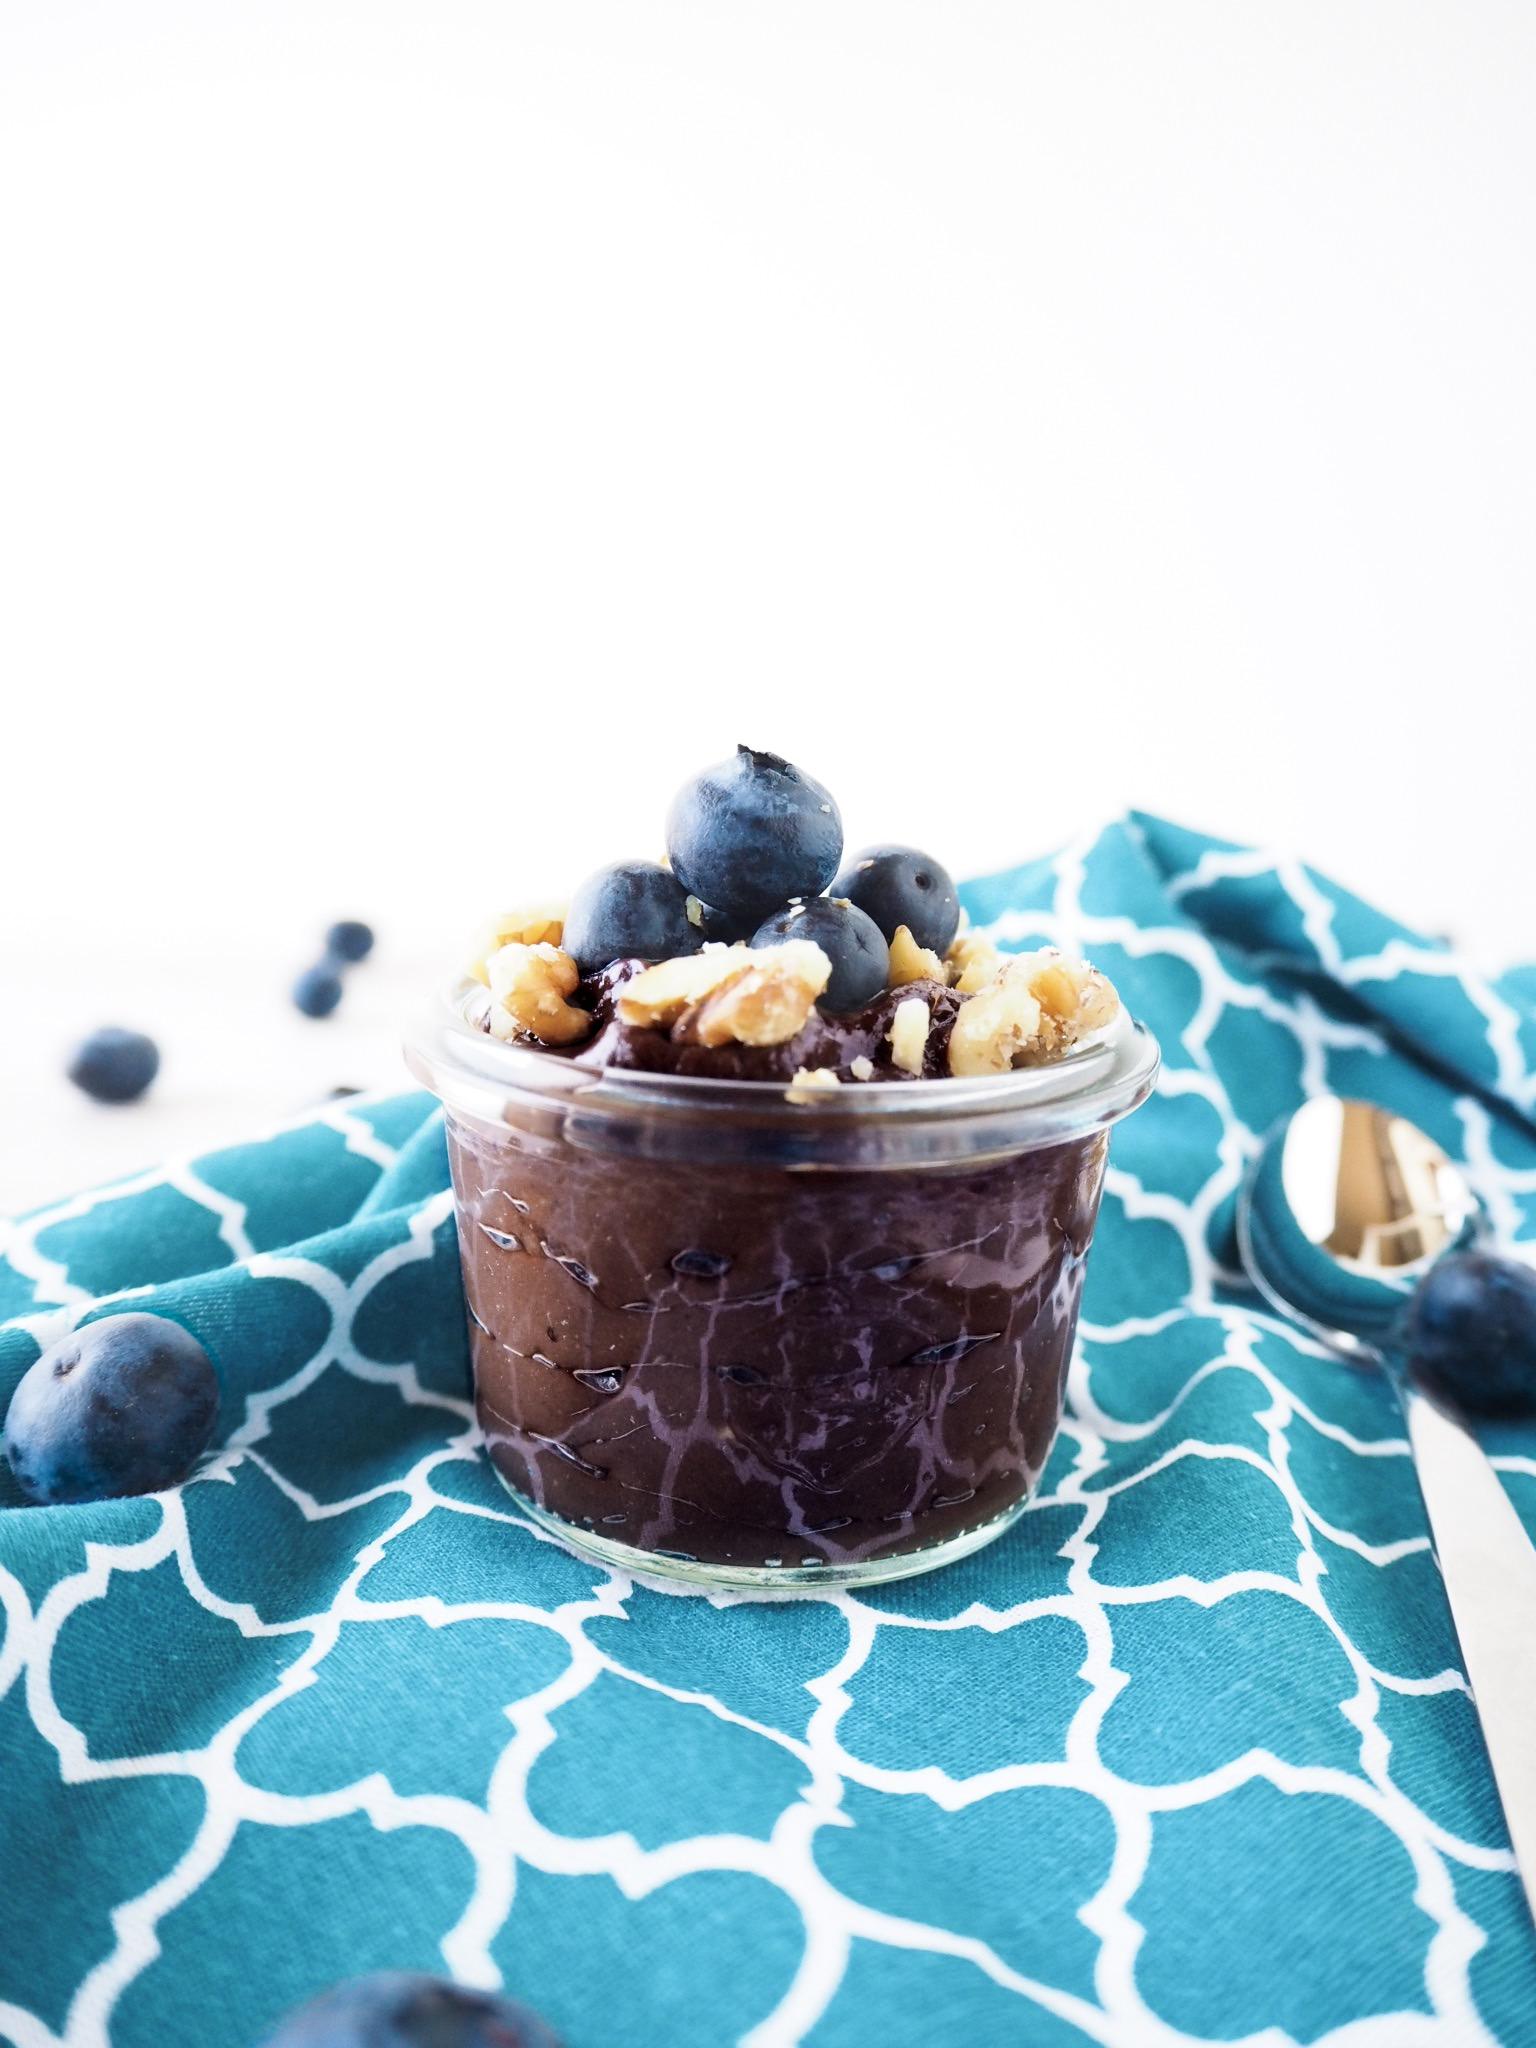 veganer Schokopudding mit türkisem Küchentuch dekoriert mit Blaubeeren und Walnüssen